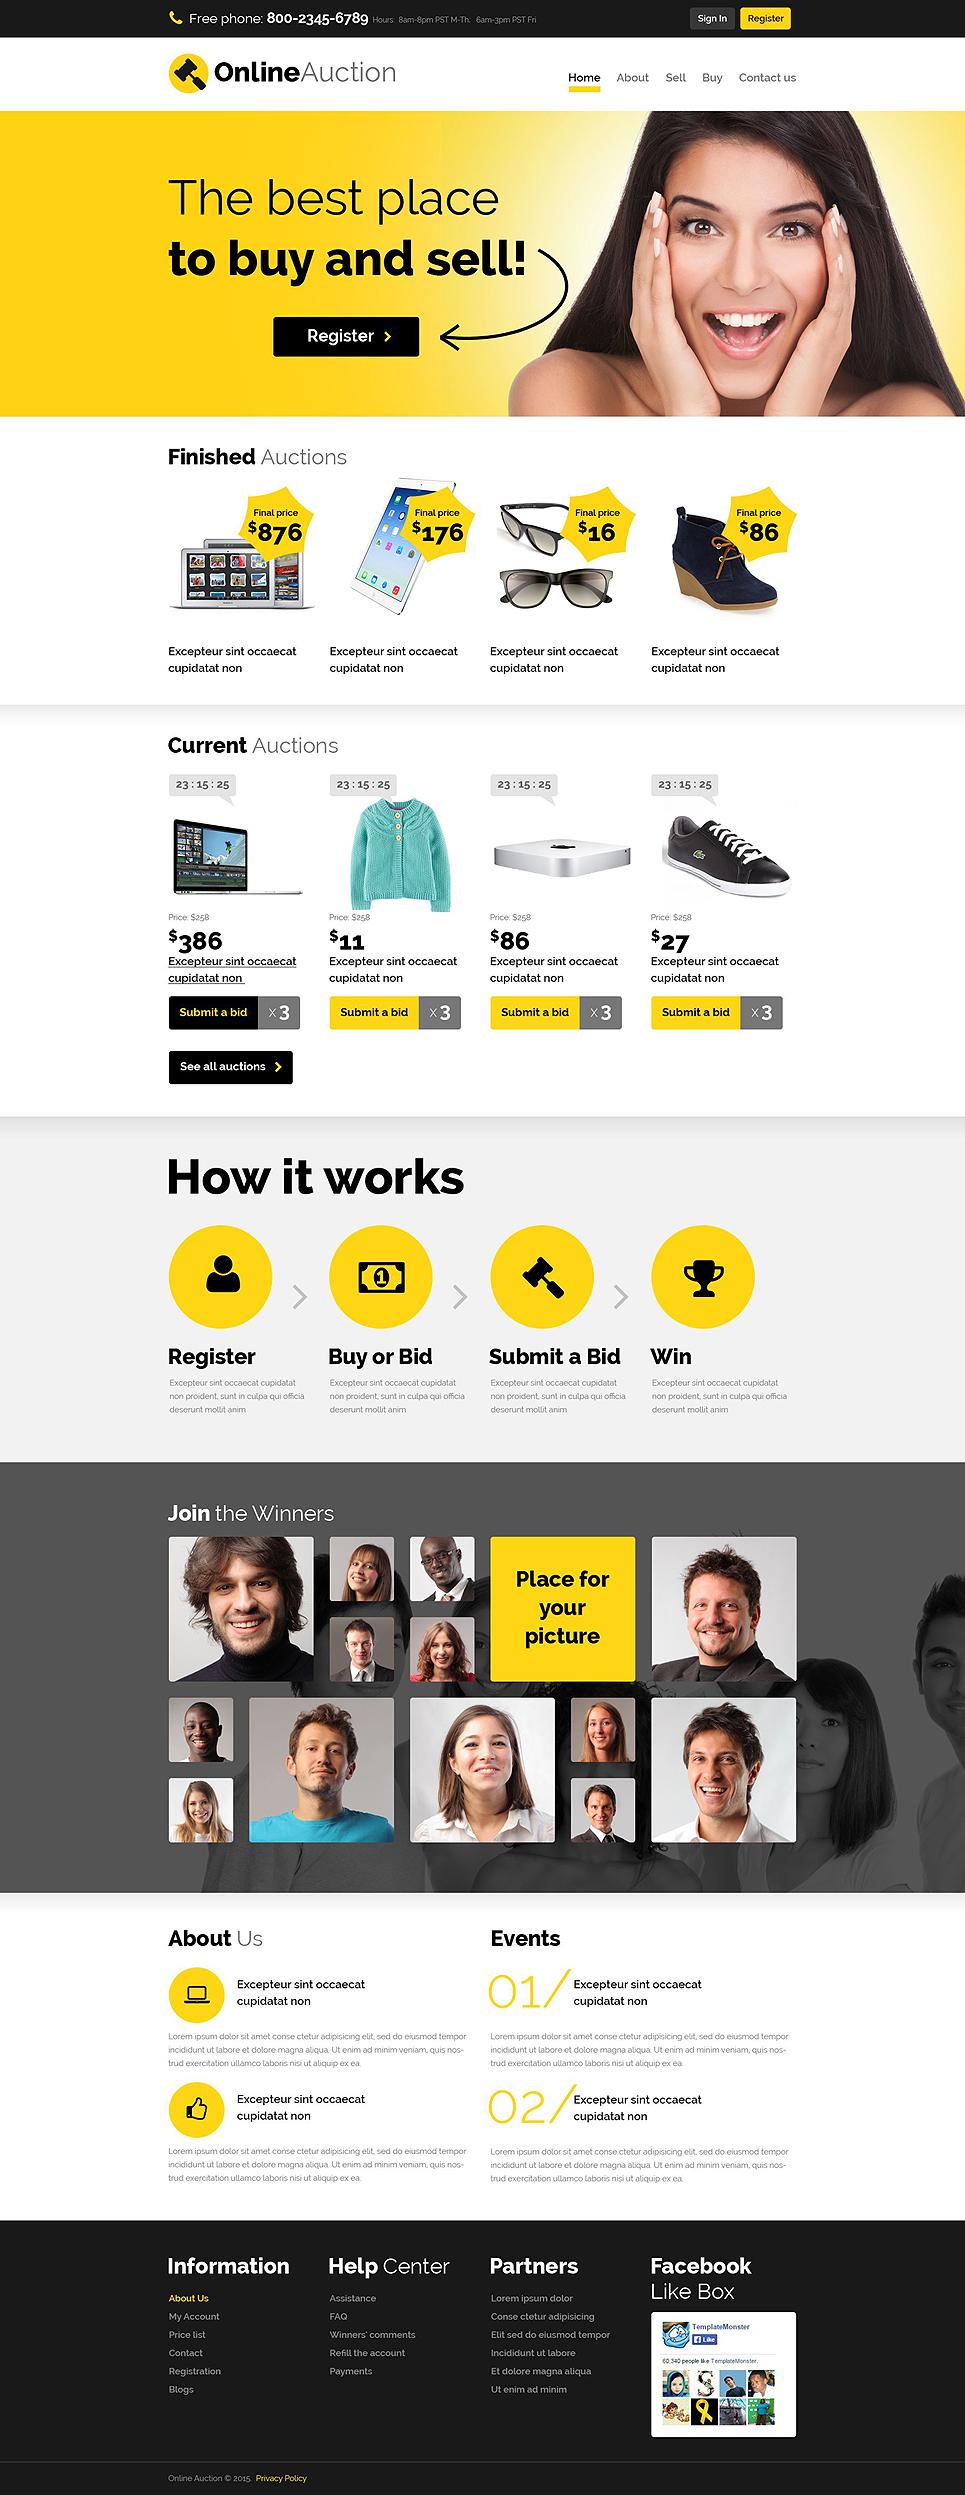 Plantilla para sitios web - Categoría: Más populares - versión para Desktop